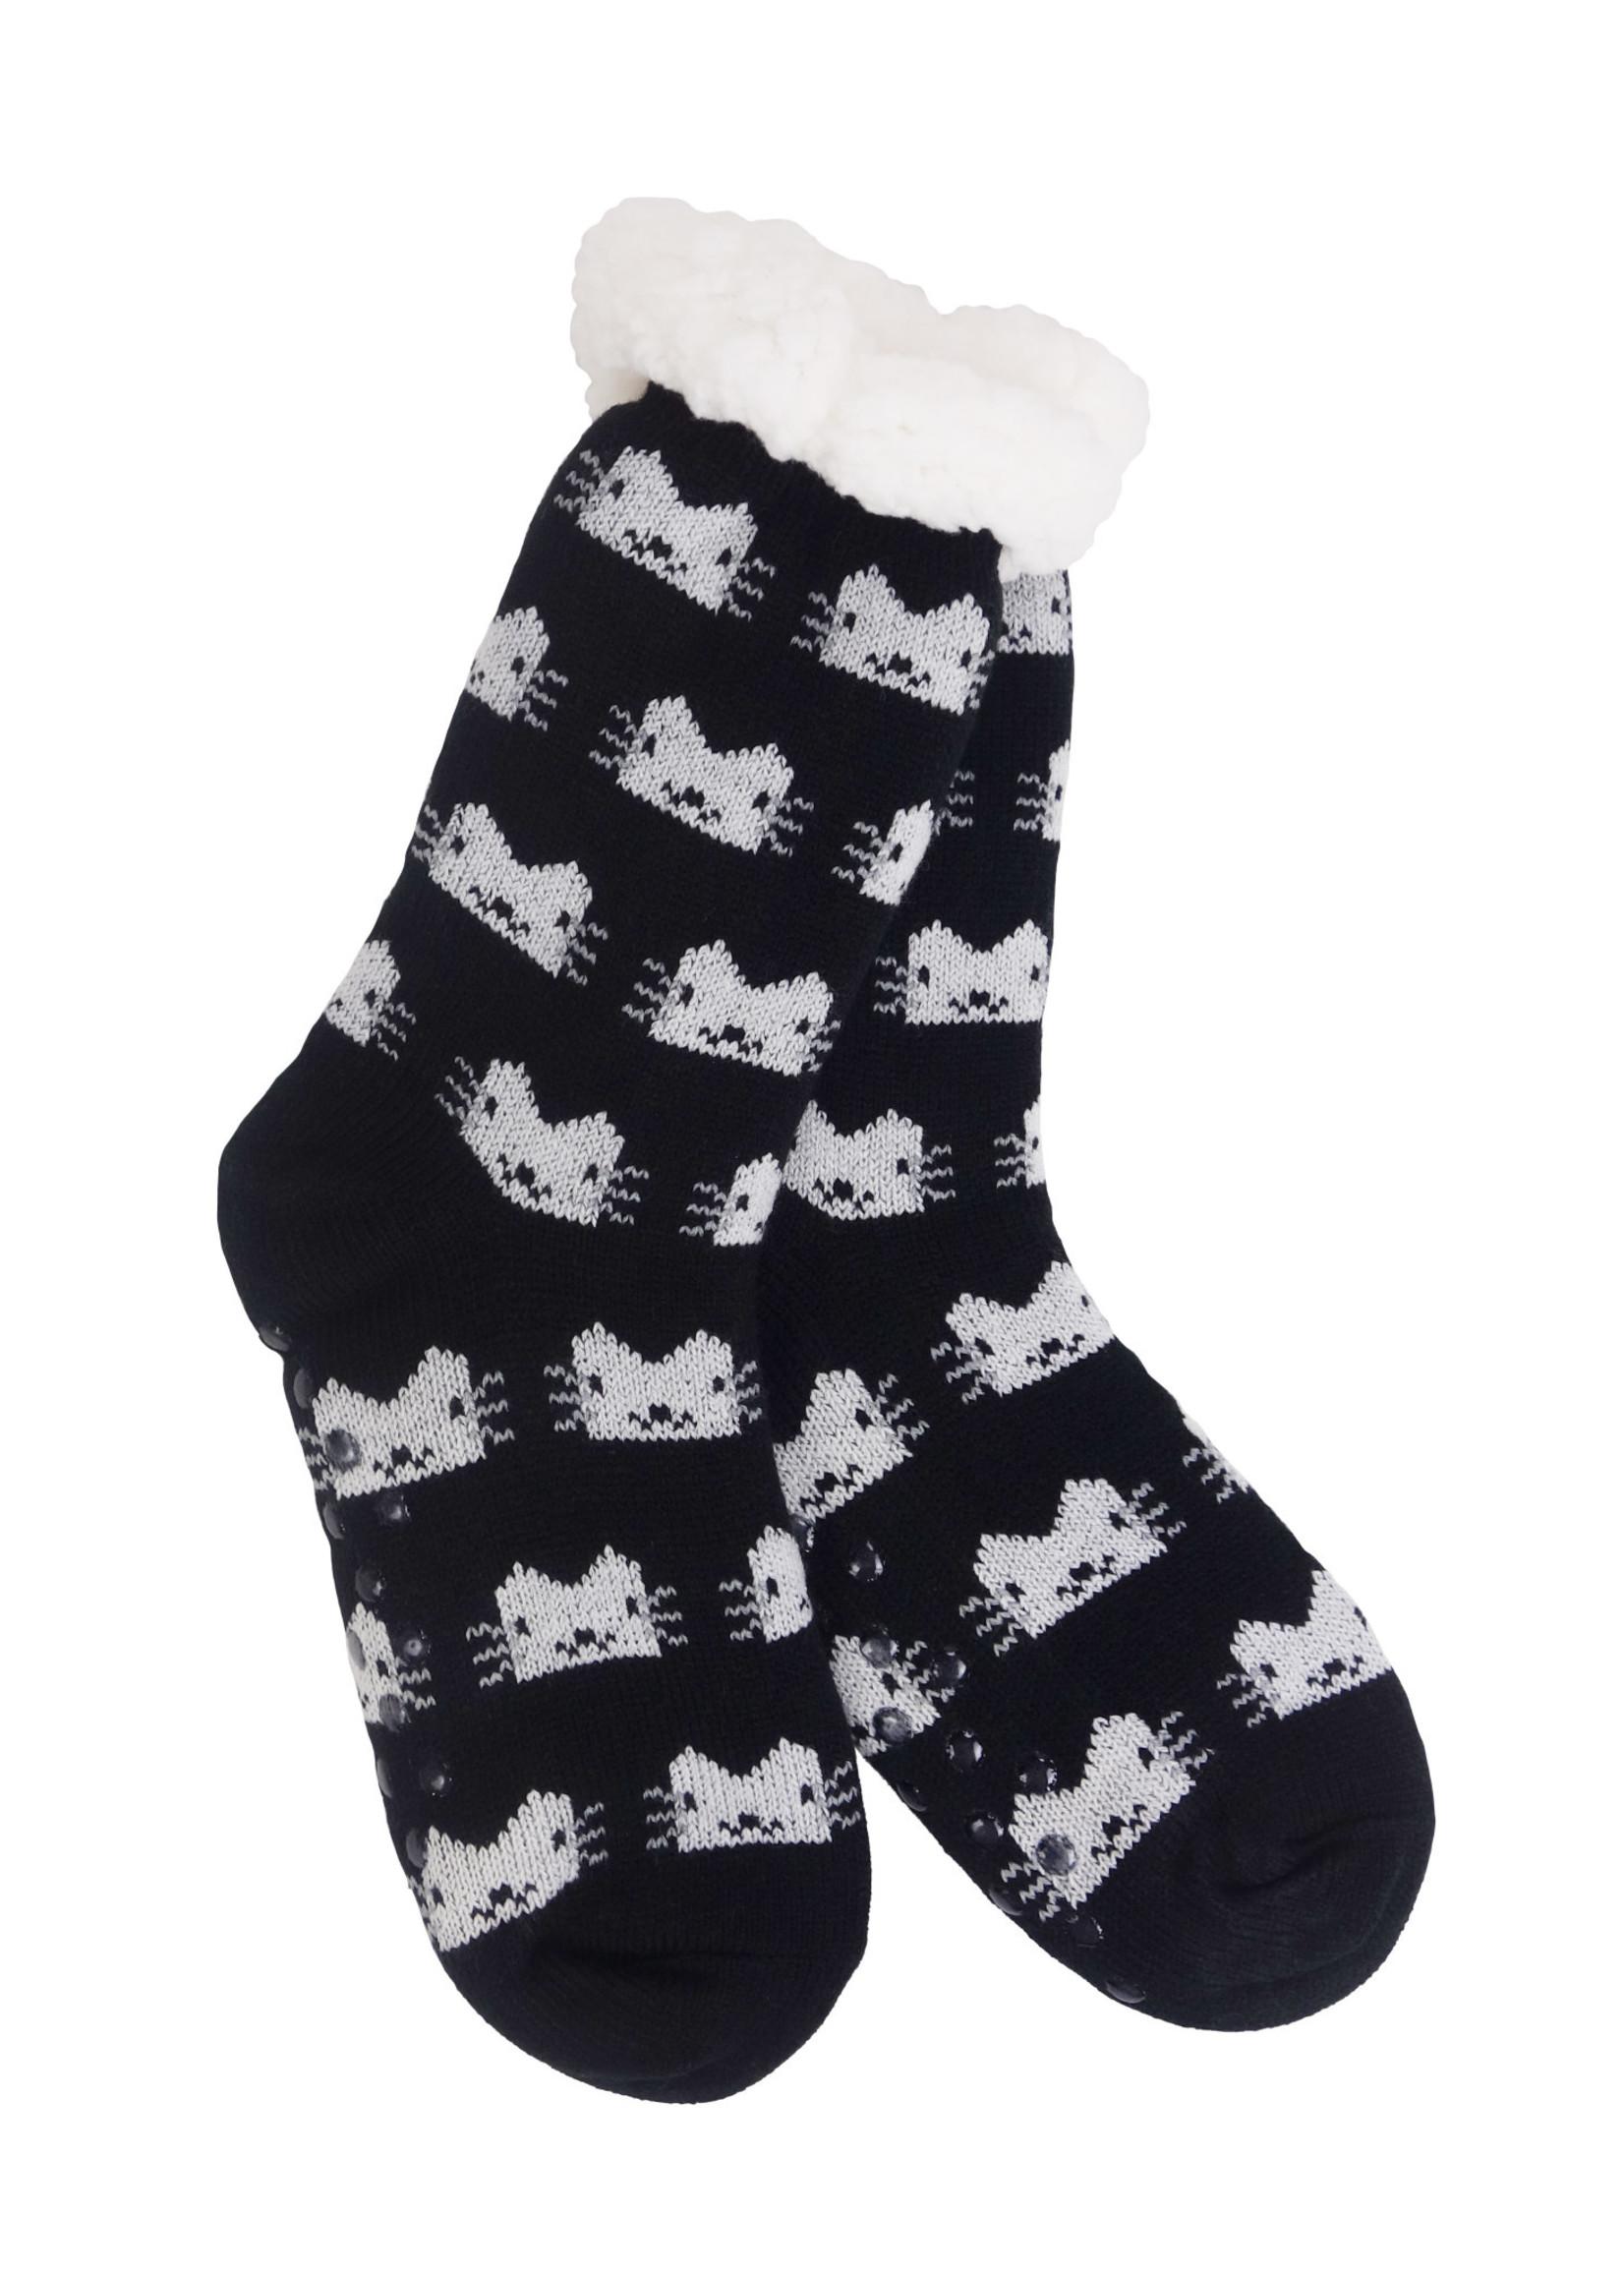 New Friends Thermal Slipper Socks